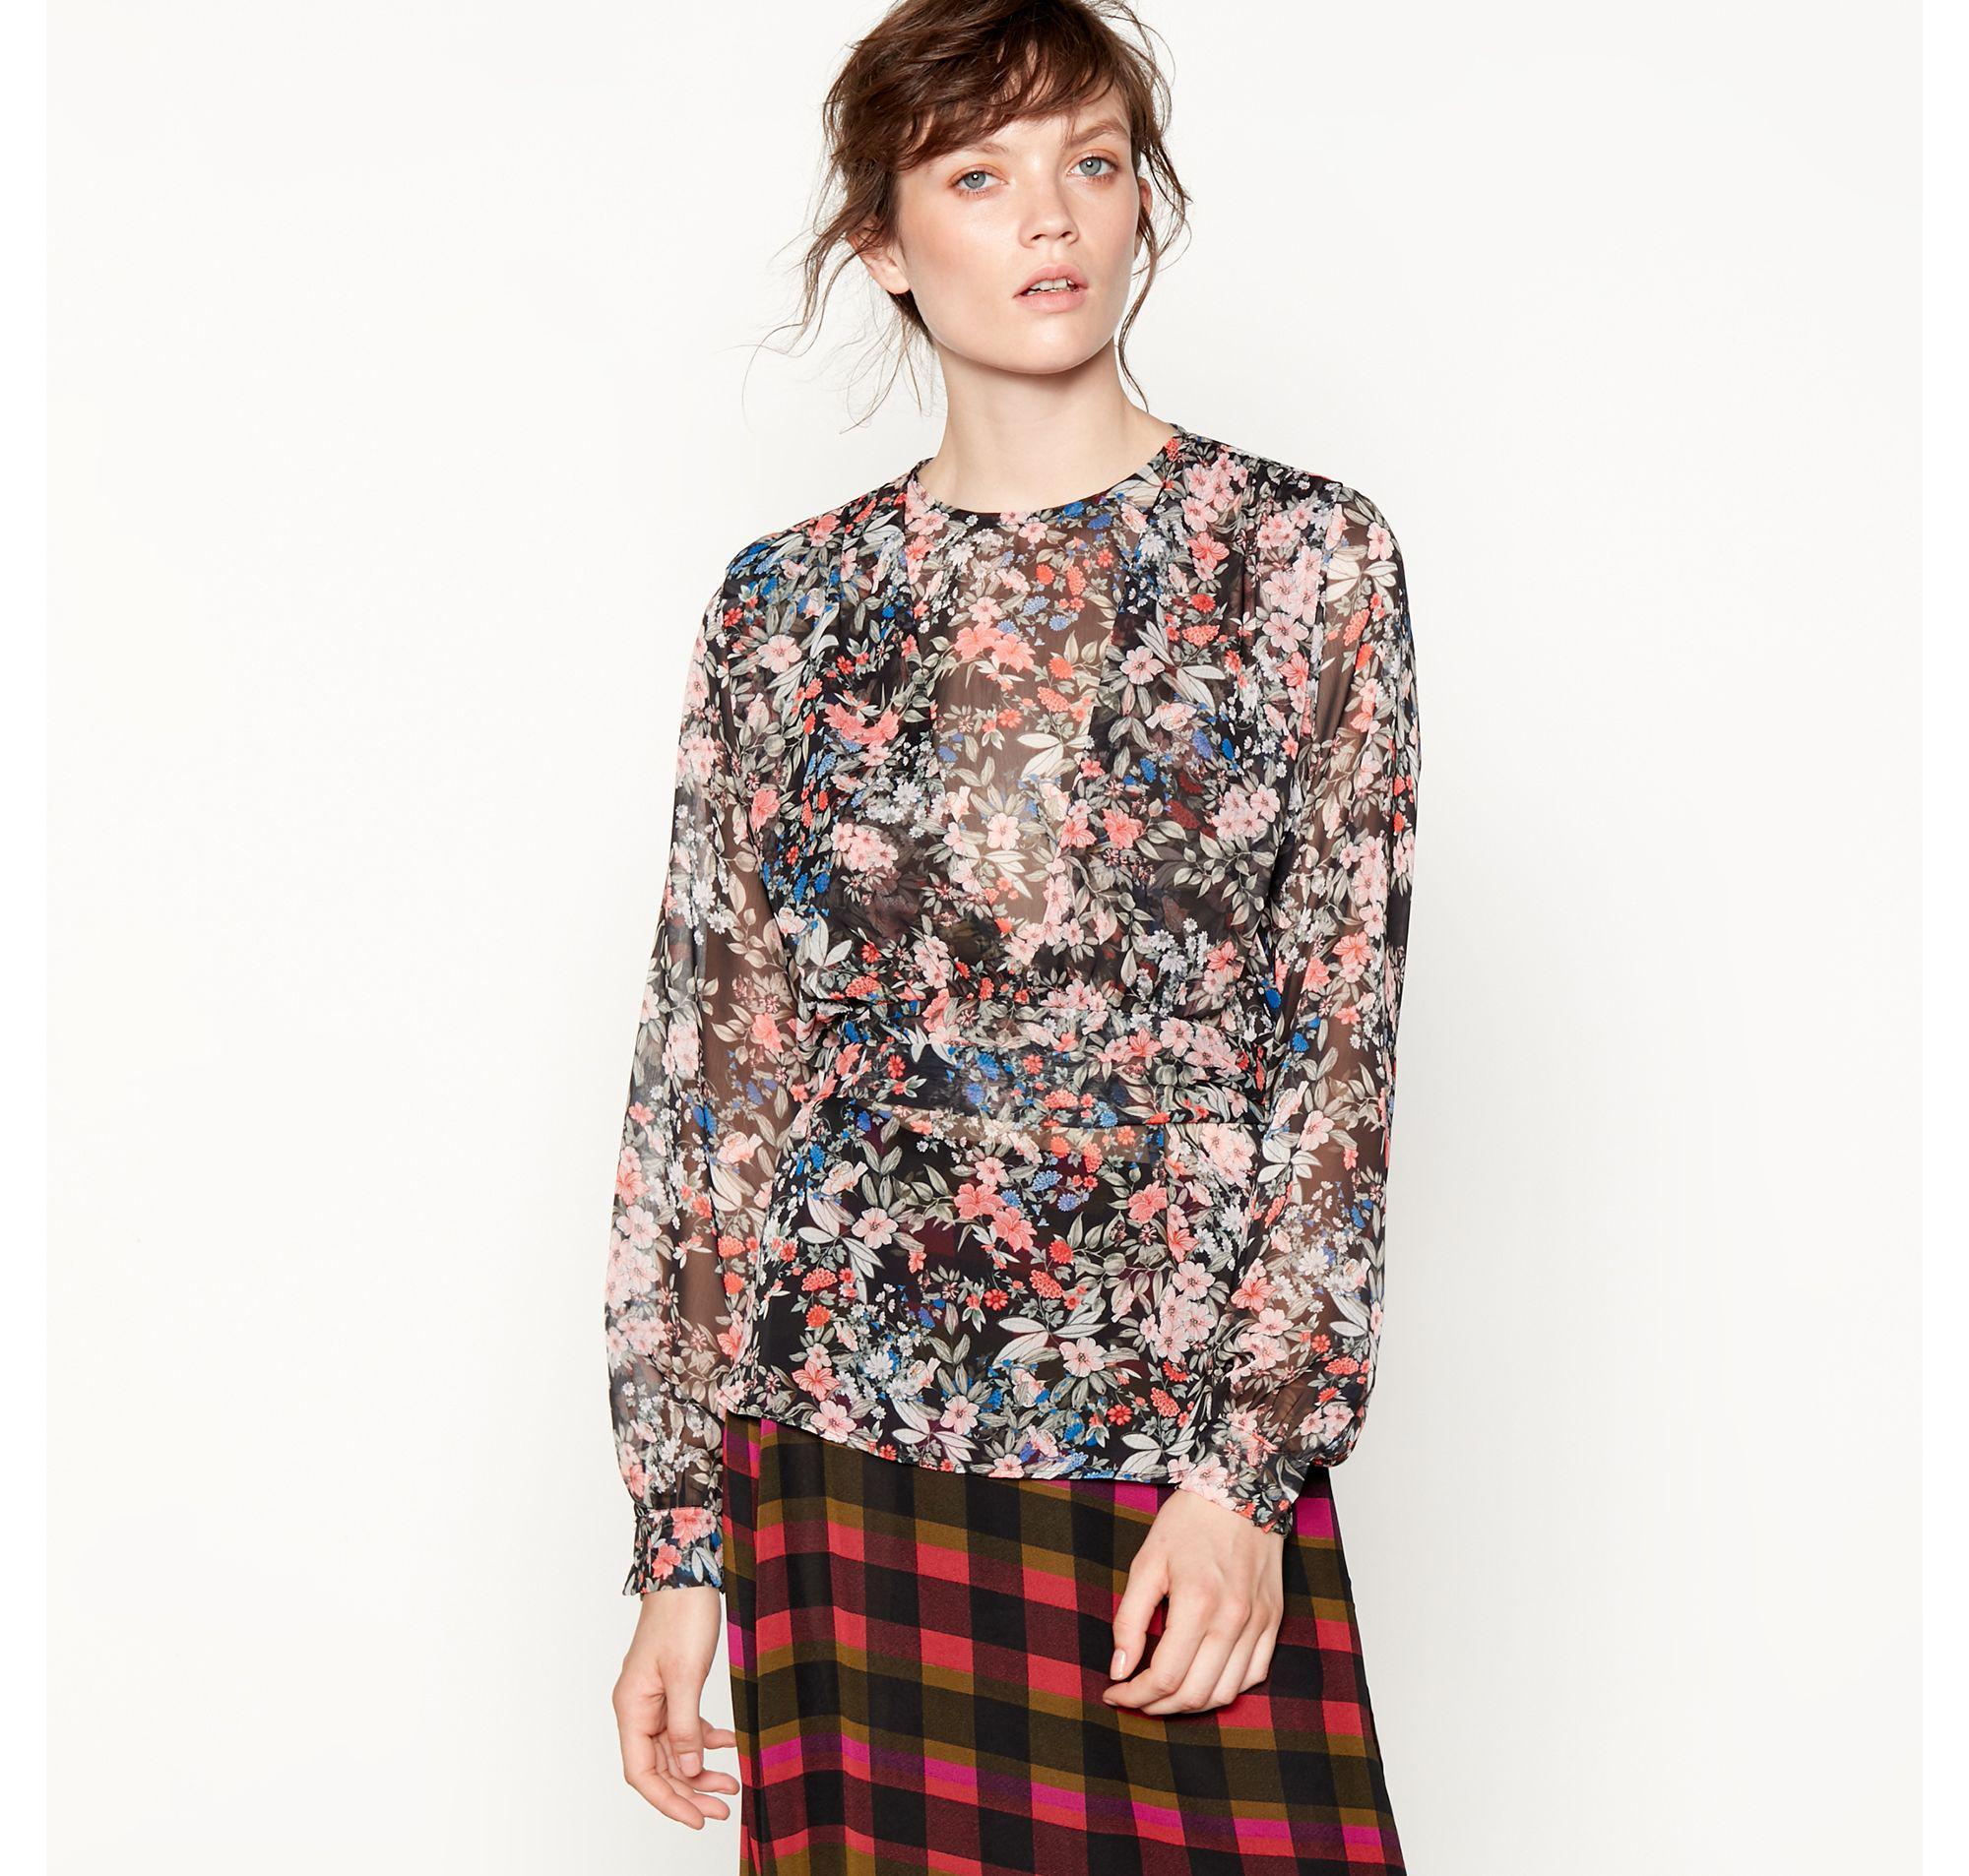 610db17e158454 Preen By Thornton Bregazzi. Women s Black Floral Print Layered Blouse